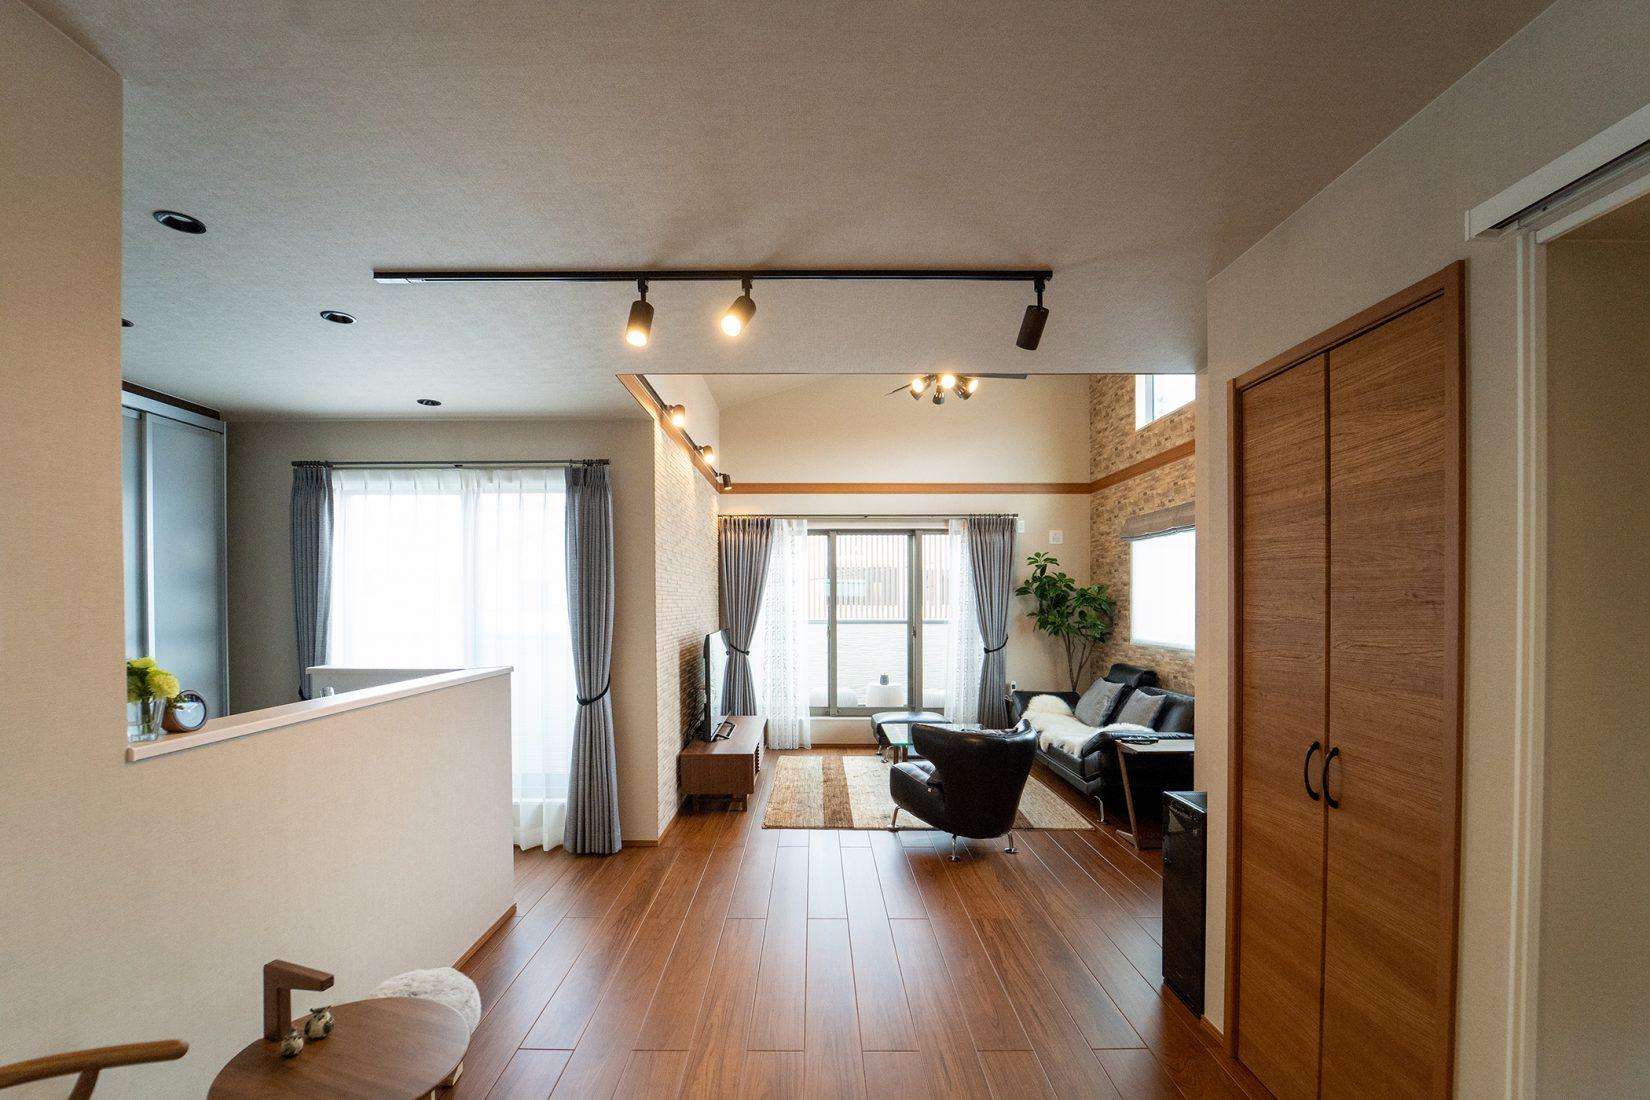 LDK全体の眺め。デザイナーズの家具がとてもスムーズに配置されていて、ご夫婦のセンスの良さがうかがえる。